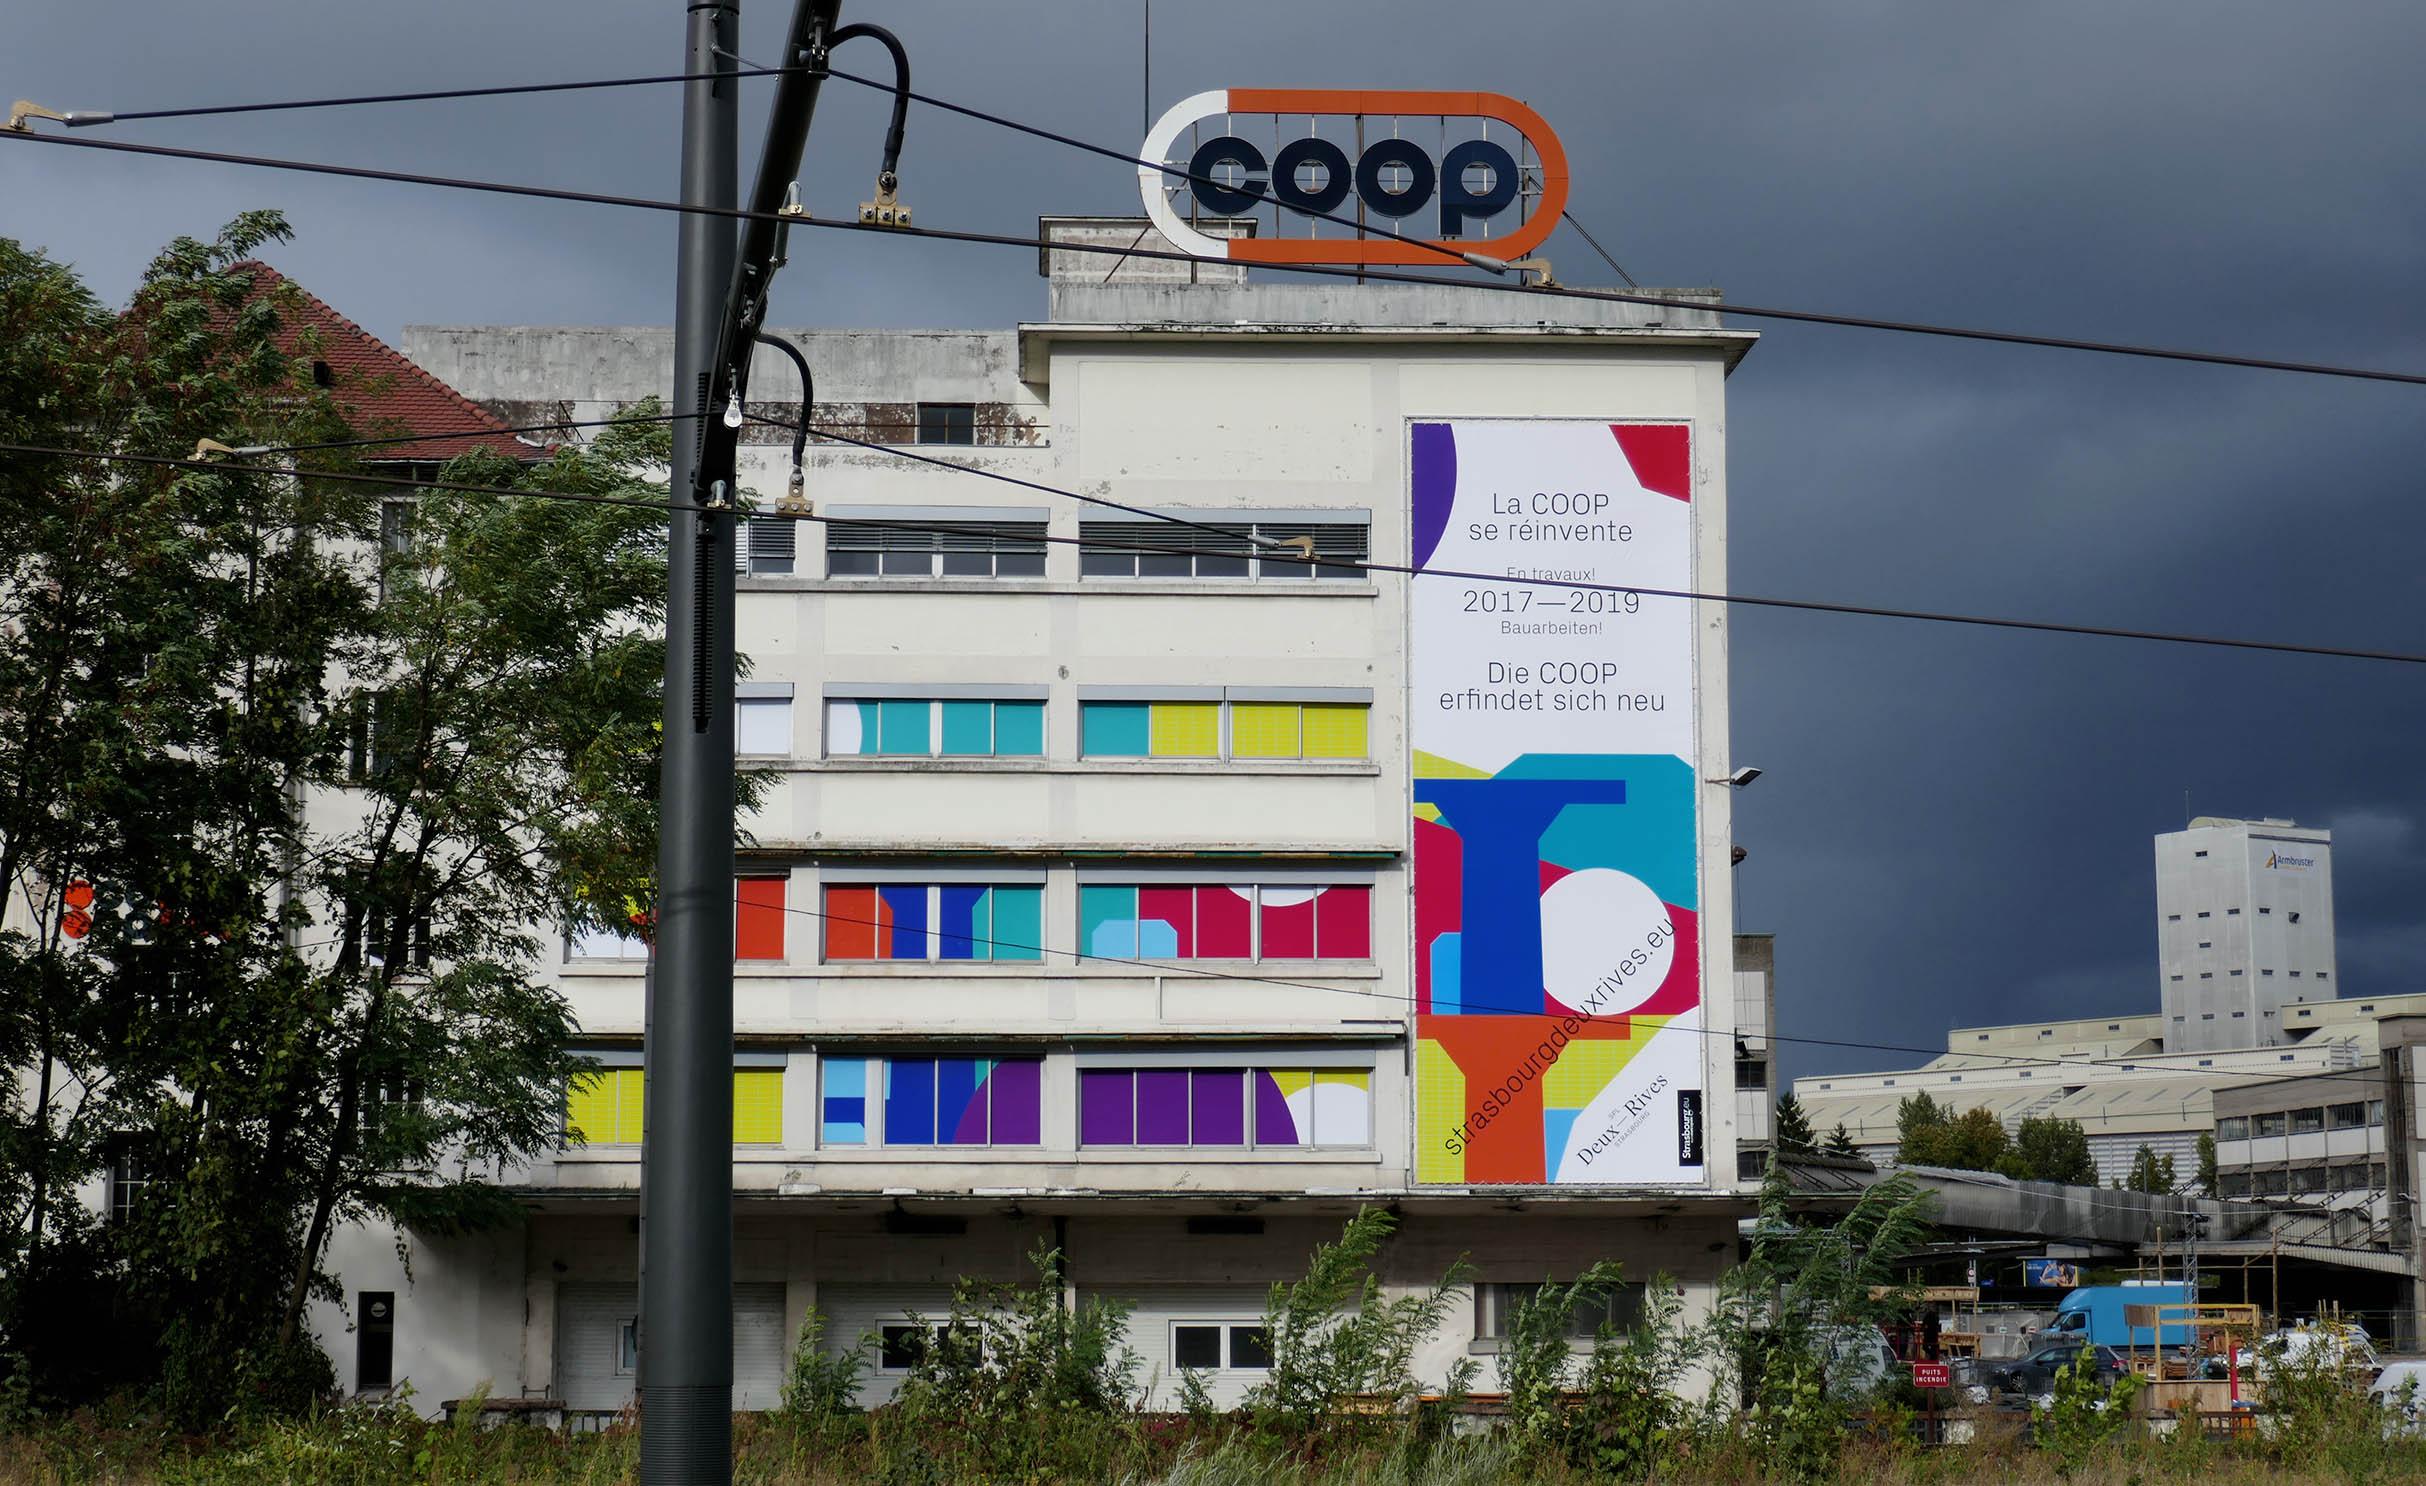 Les premiers travaux de réhabilitation du site de la COOP ont commencé ! (© SPL Deux Rives)